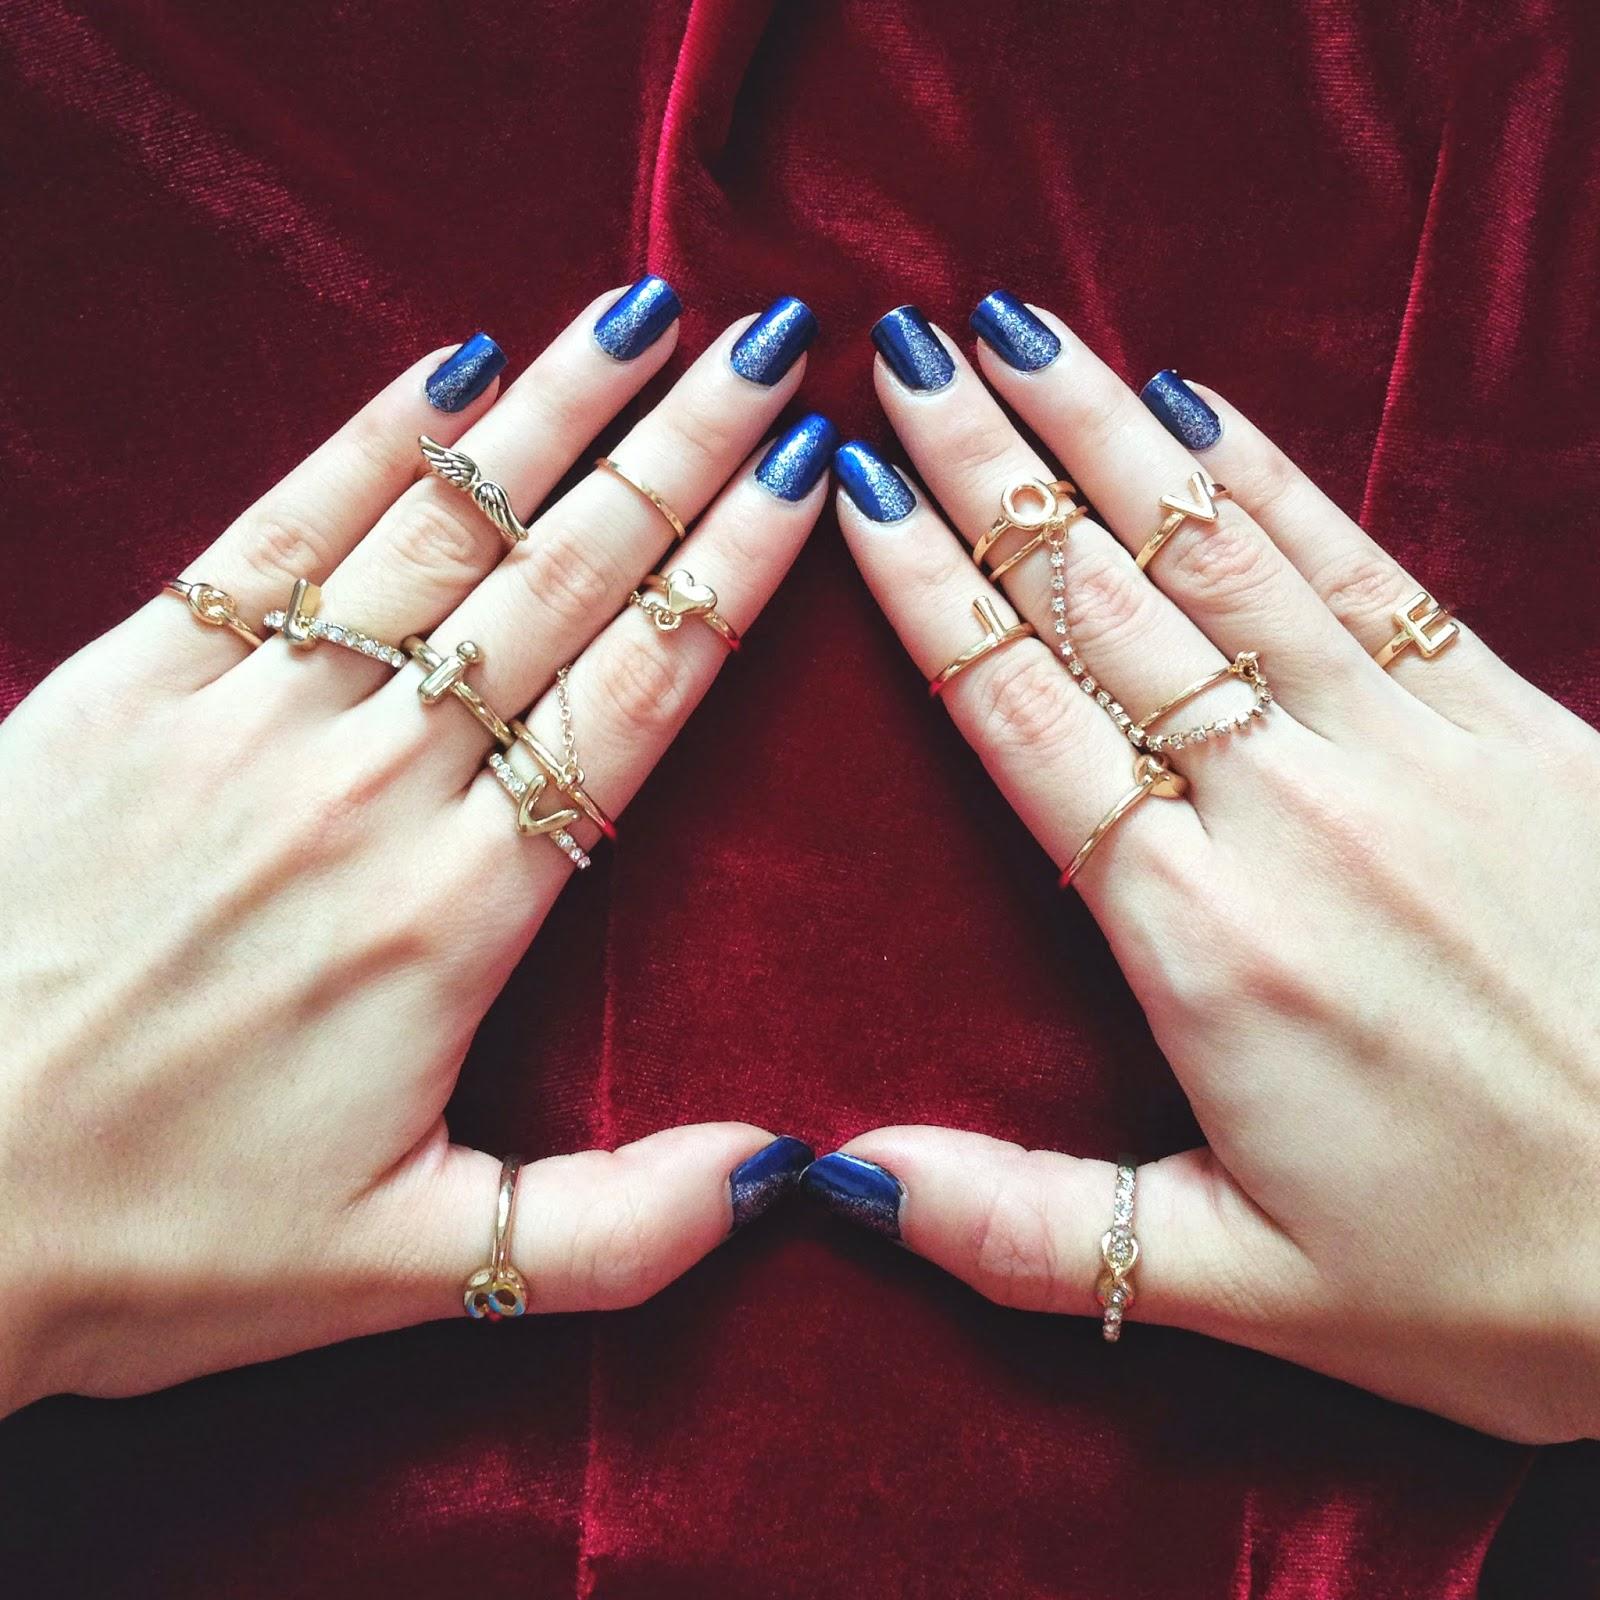 Megoosta Fashion: Nail Art